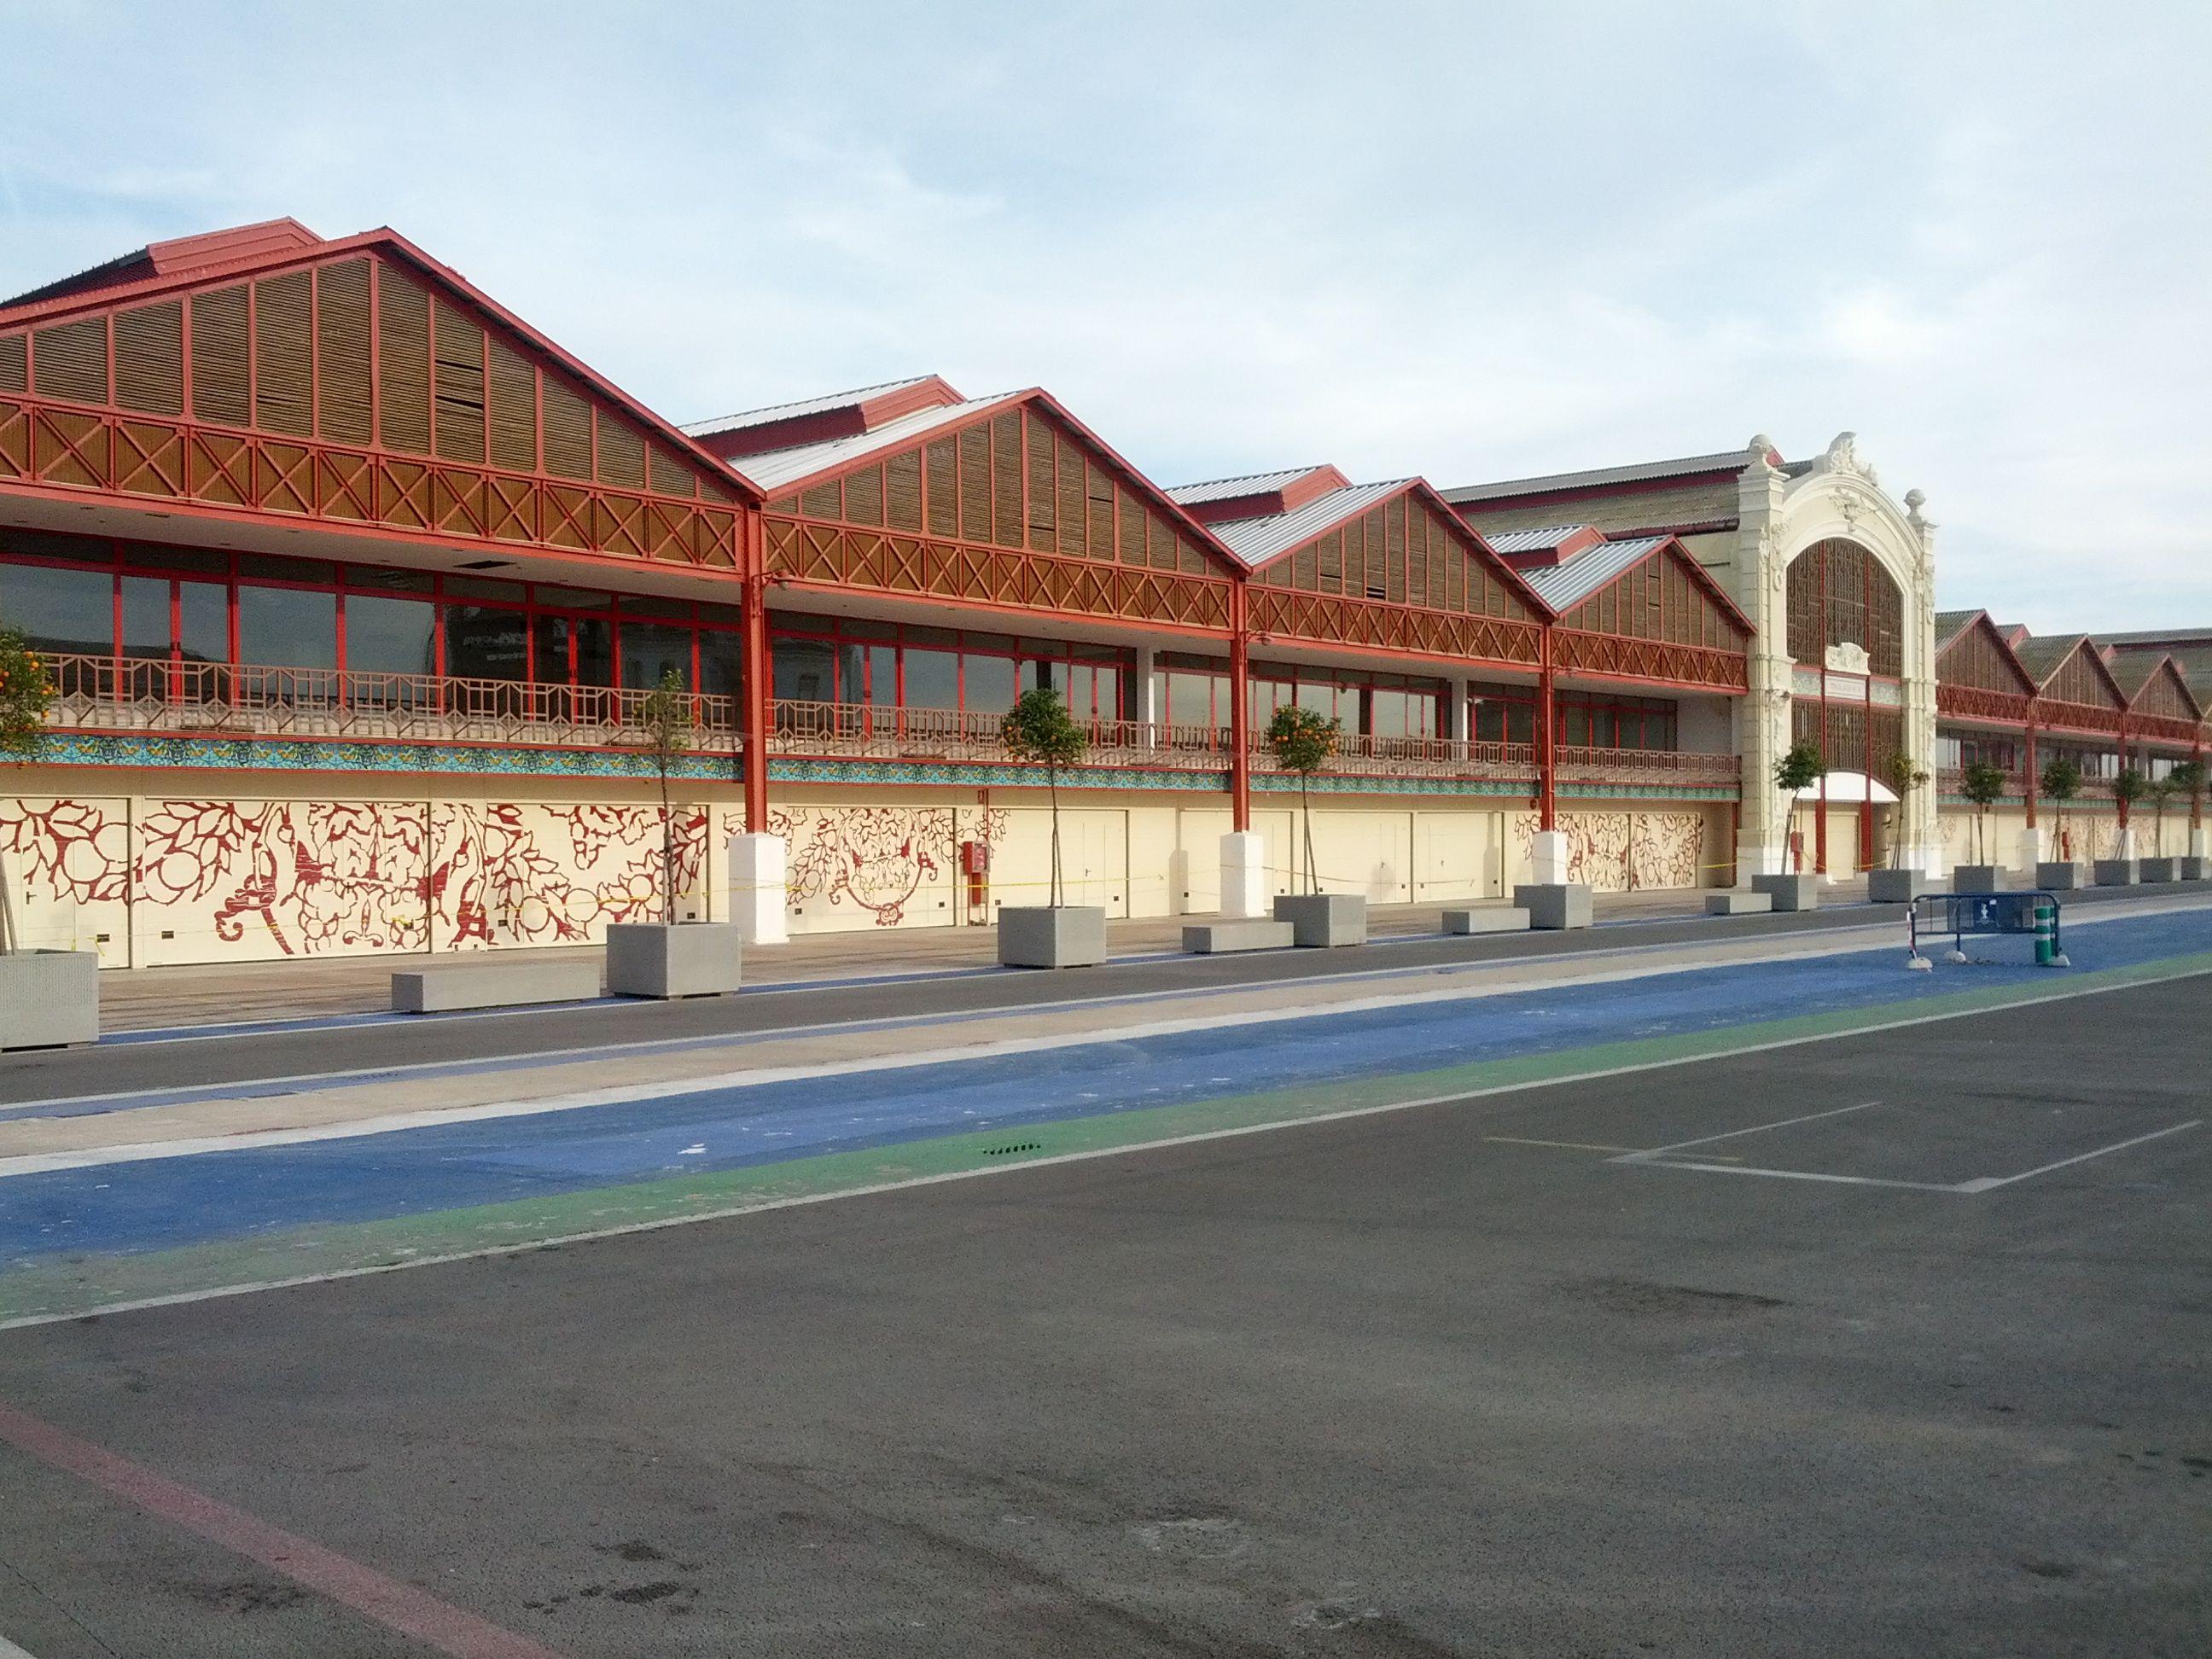 Circuito Urbano Valencia : Box e partenza nel circuito urbano valencia valencia